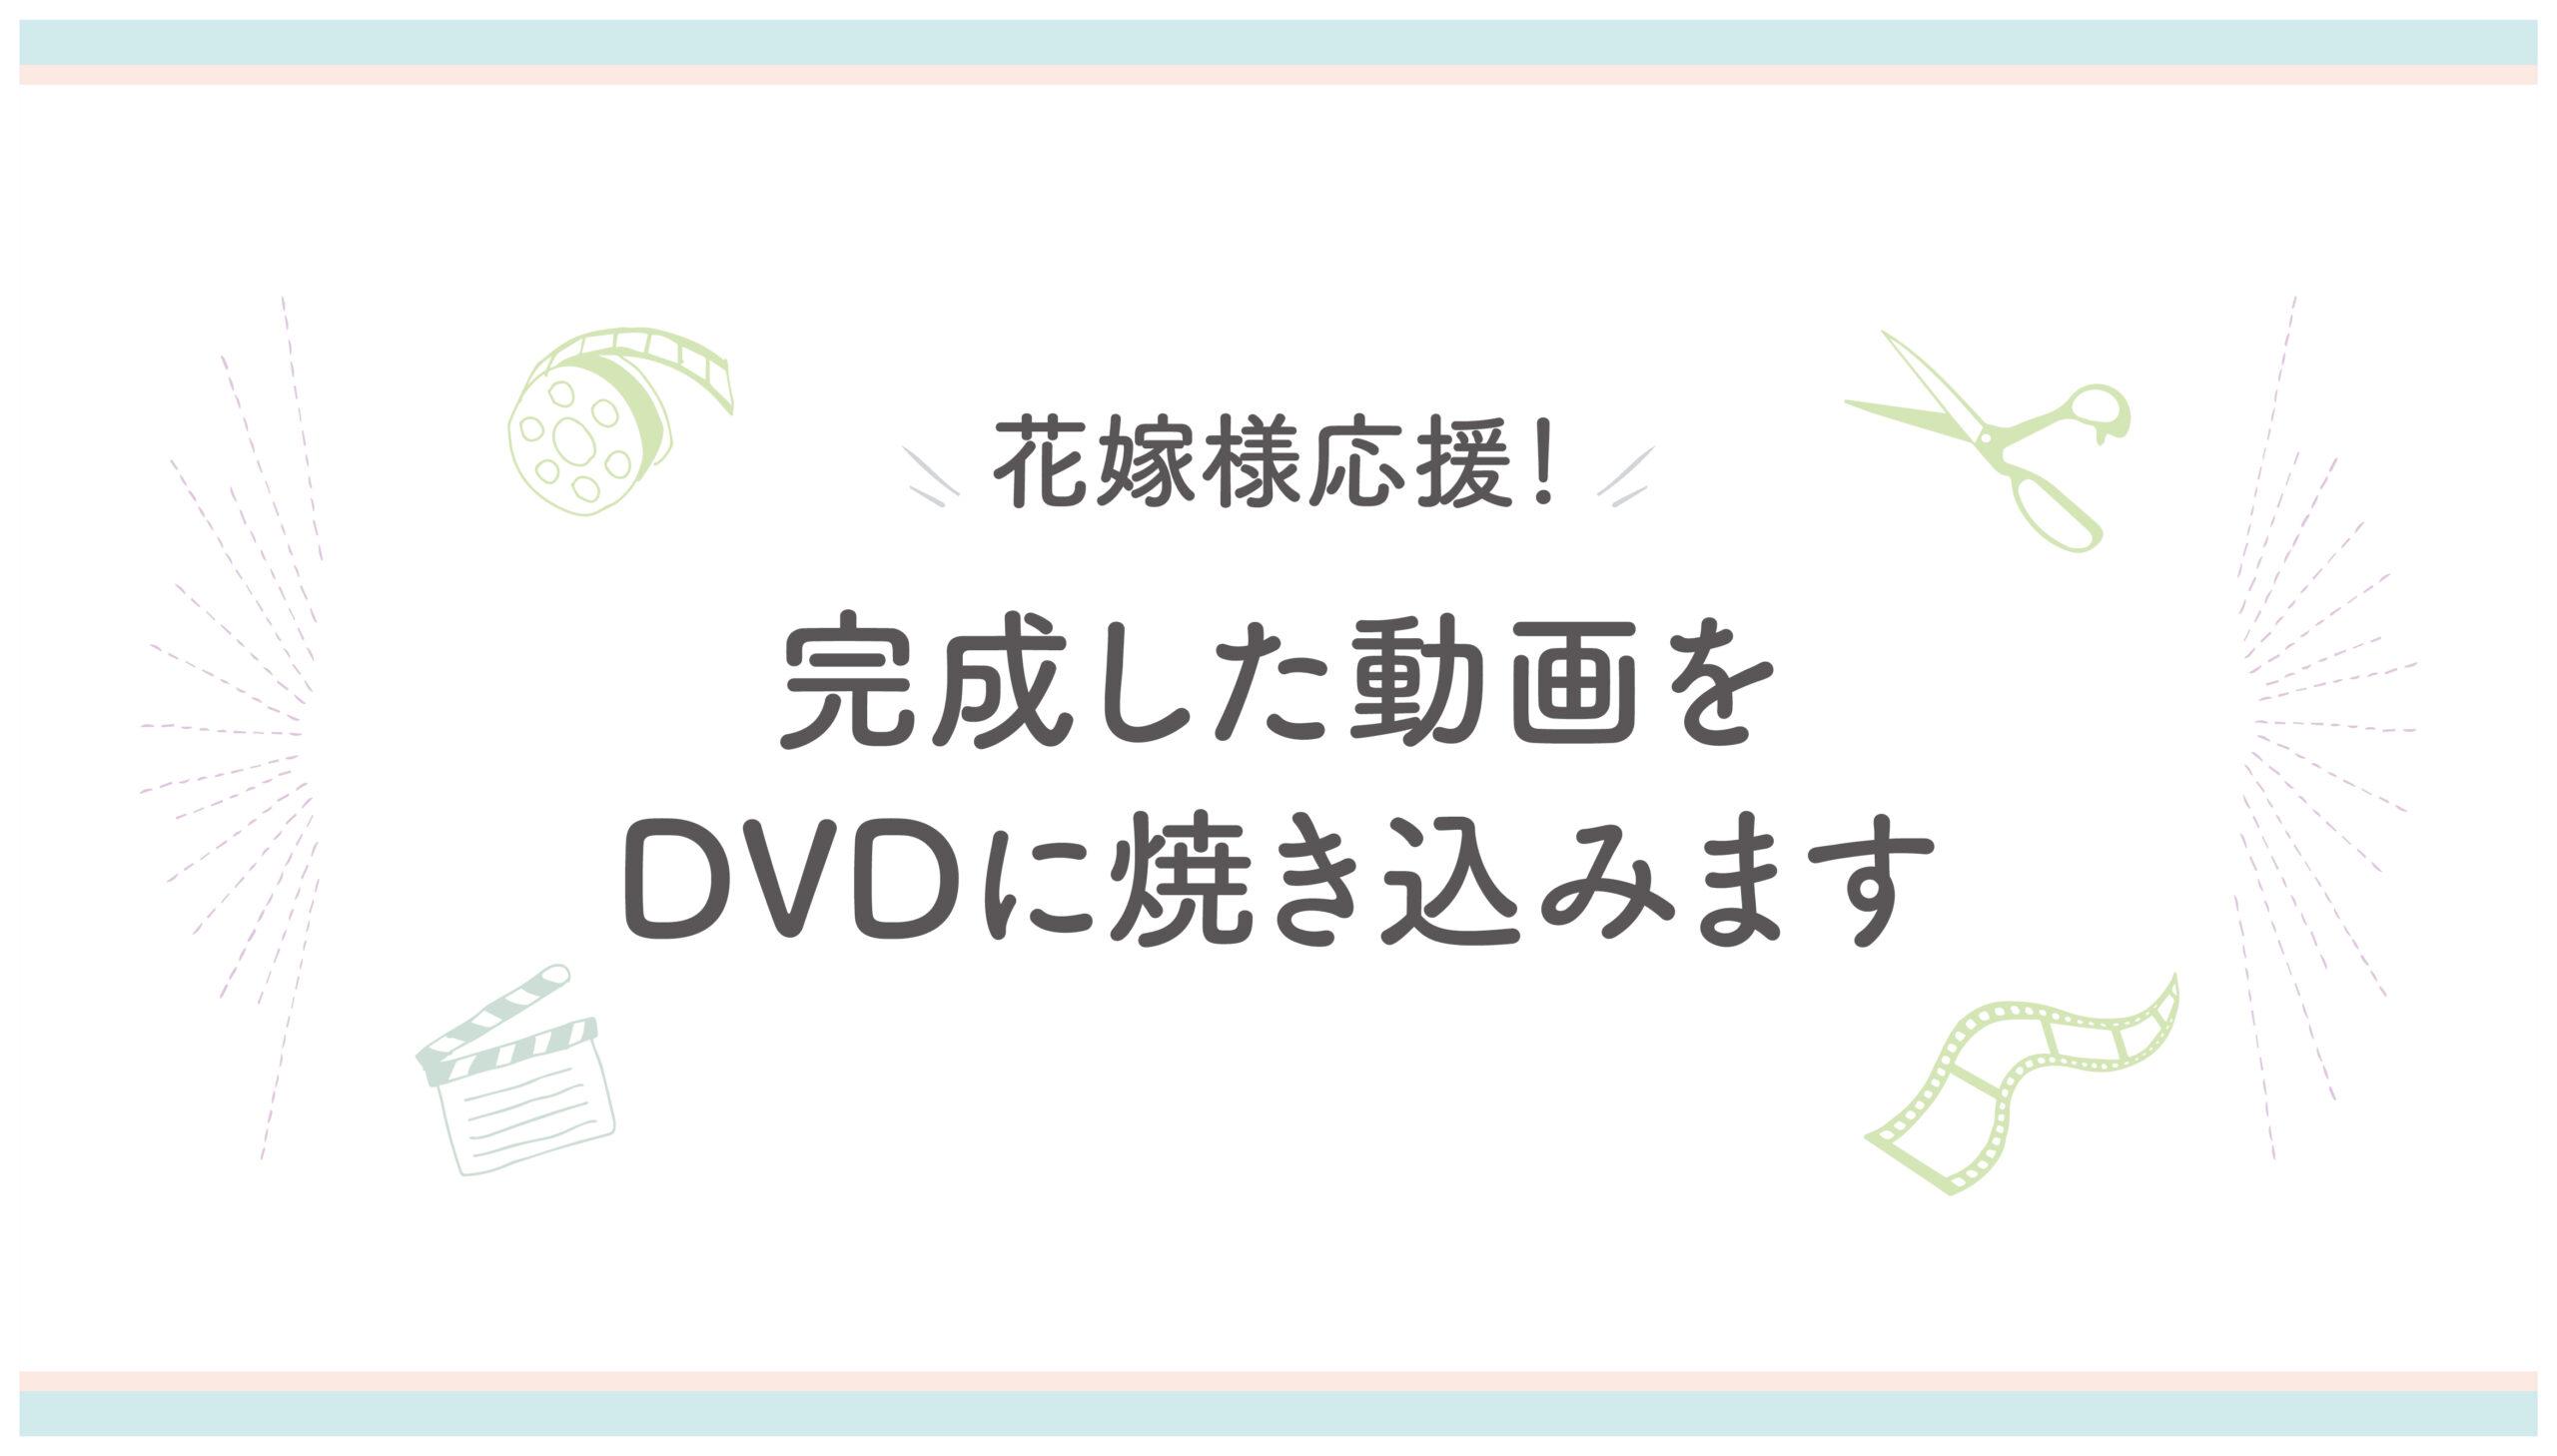 Option_DVD_yakikomidaiko